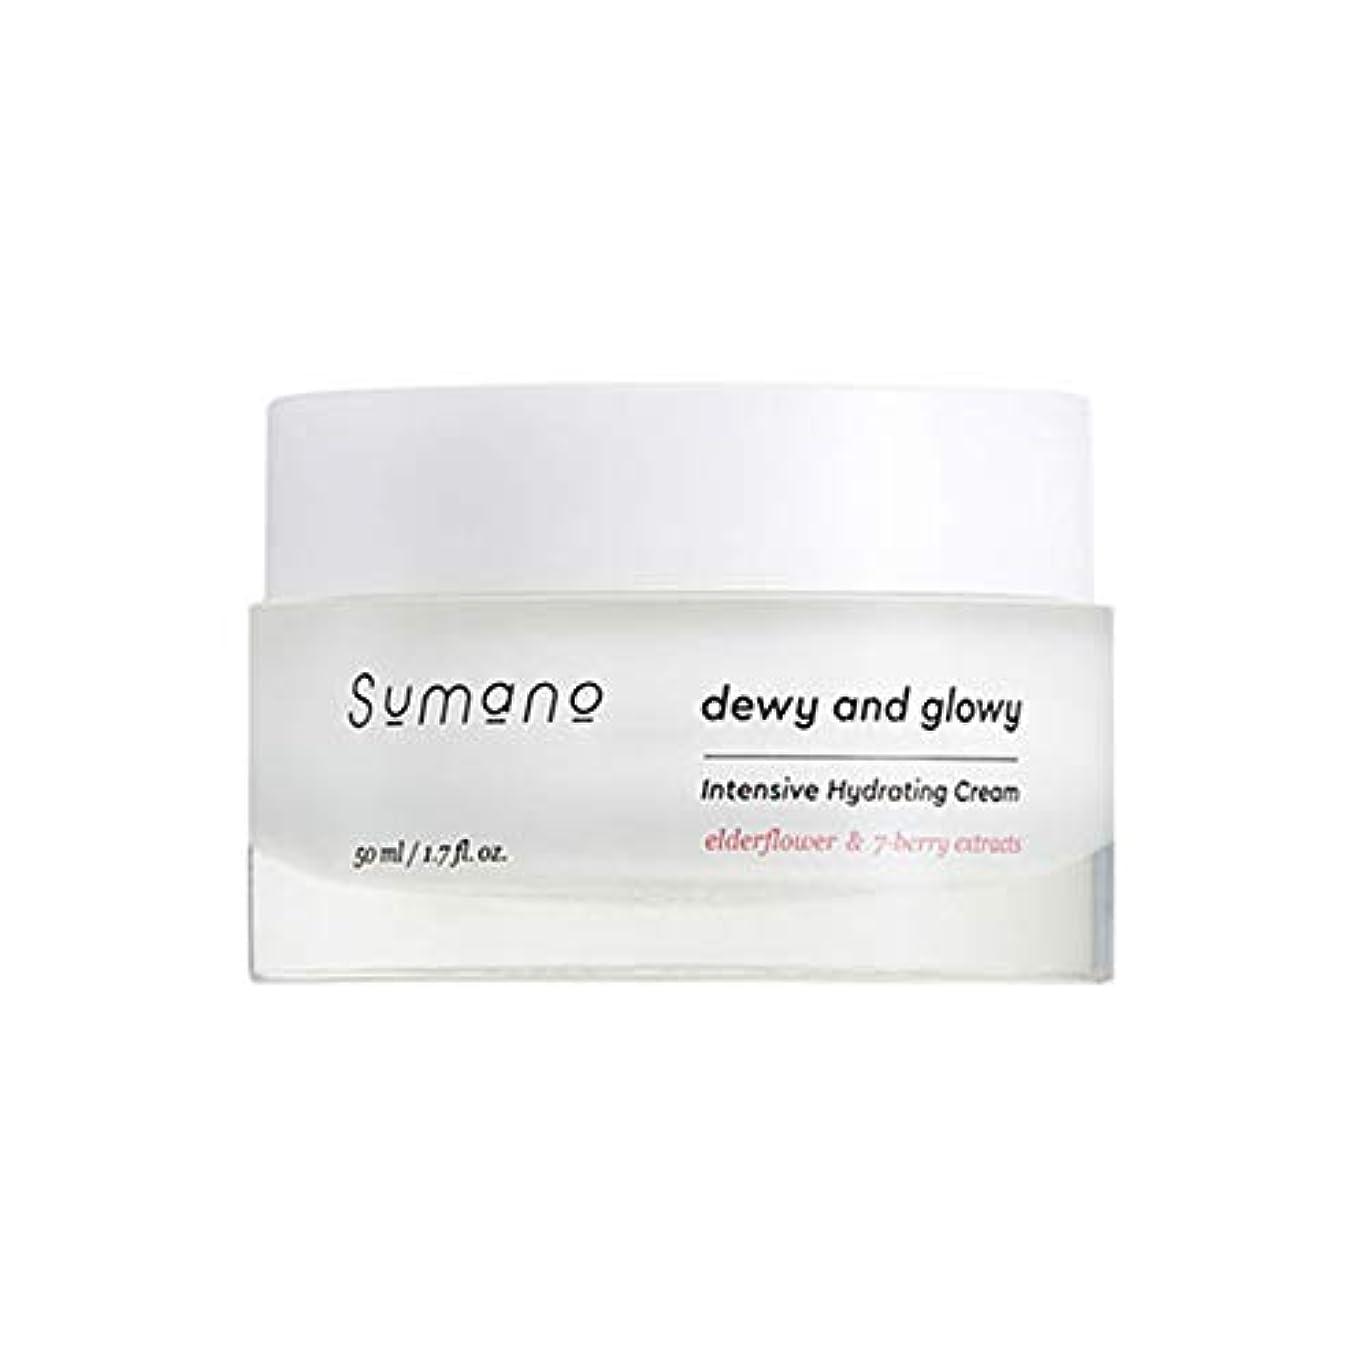 ドラマ池ボックス[SUMANO/スマノ] Sumano Intensive Hydrating Cream/インテンシブクリーム Skingarden/スキンガーデン